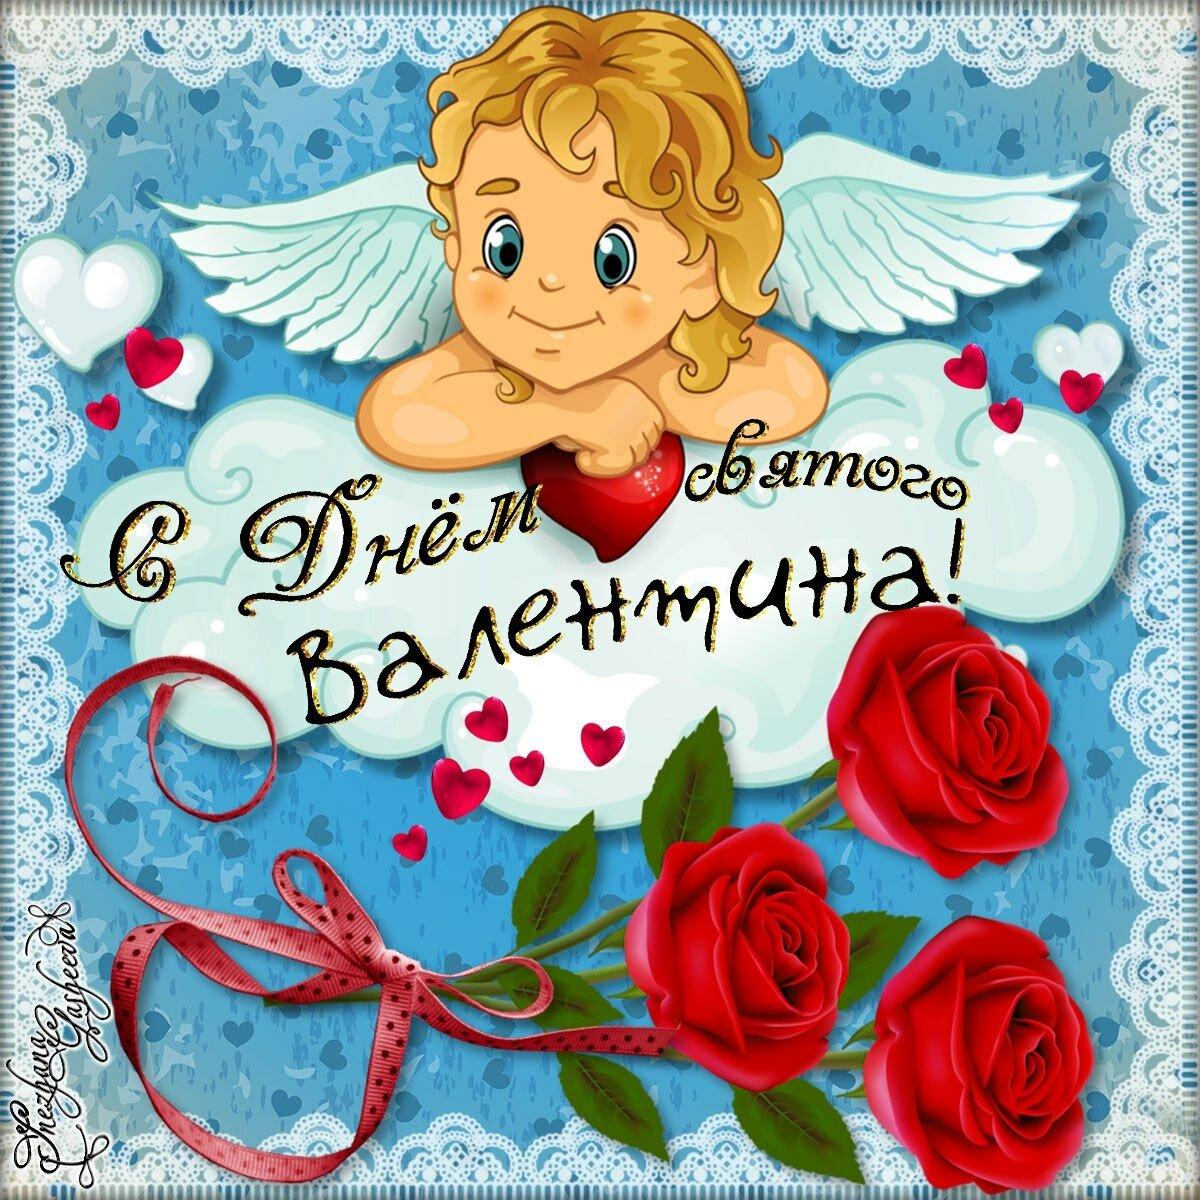 Смешные поздравления с днем всех влюбленных картинки, картинки детей